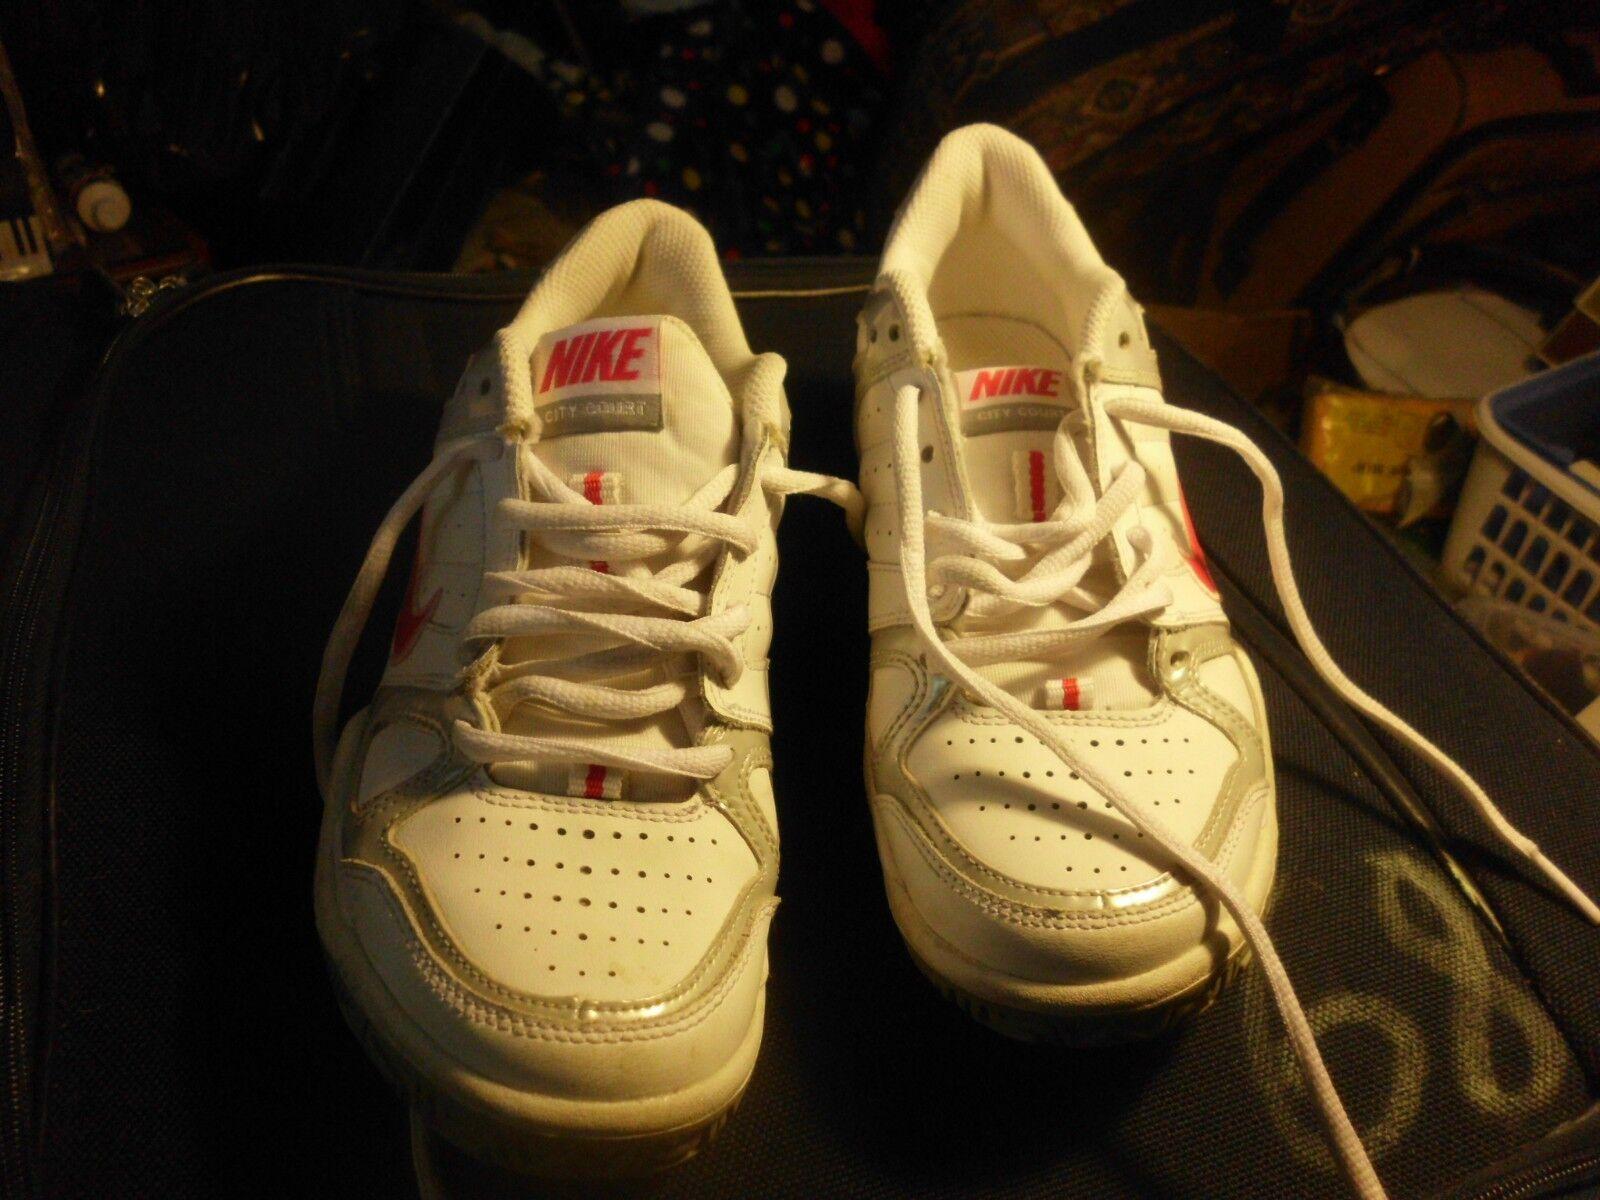 Nike signore dimensioni 37,5   Il Prezzo Di Liquidazione  Liquidazione  Liquidazione  eb0b04